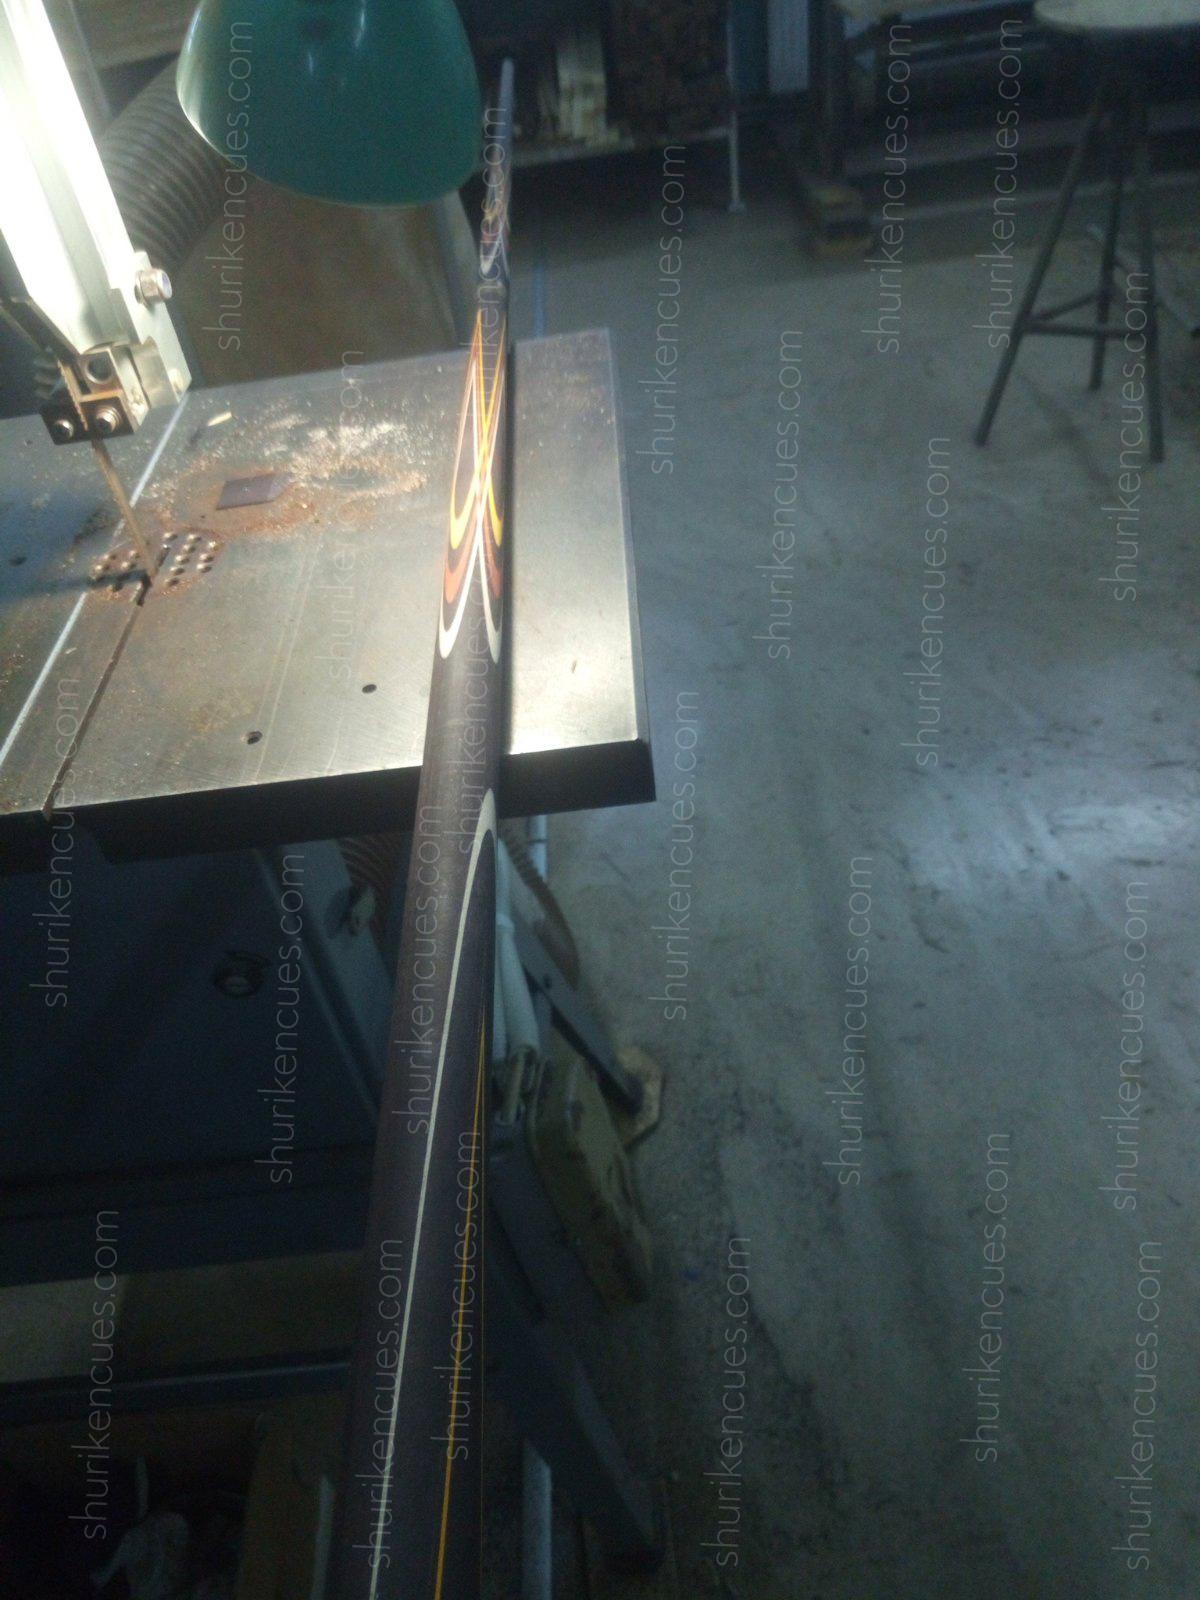 blacktulip work process fullsplice cue making pool cue making cuemaker cuebuilder black hornbeam cue